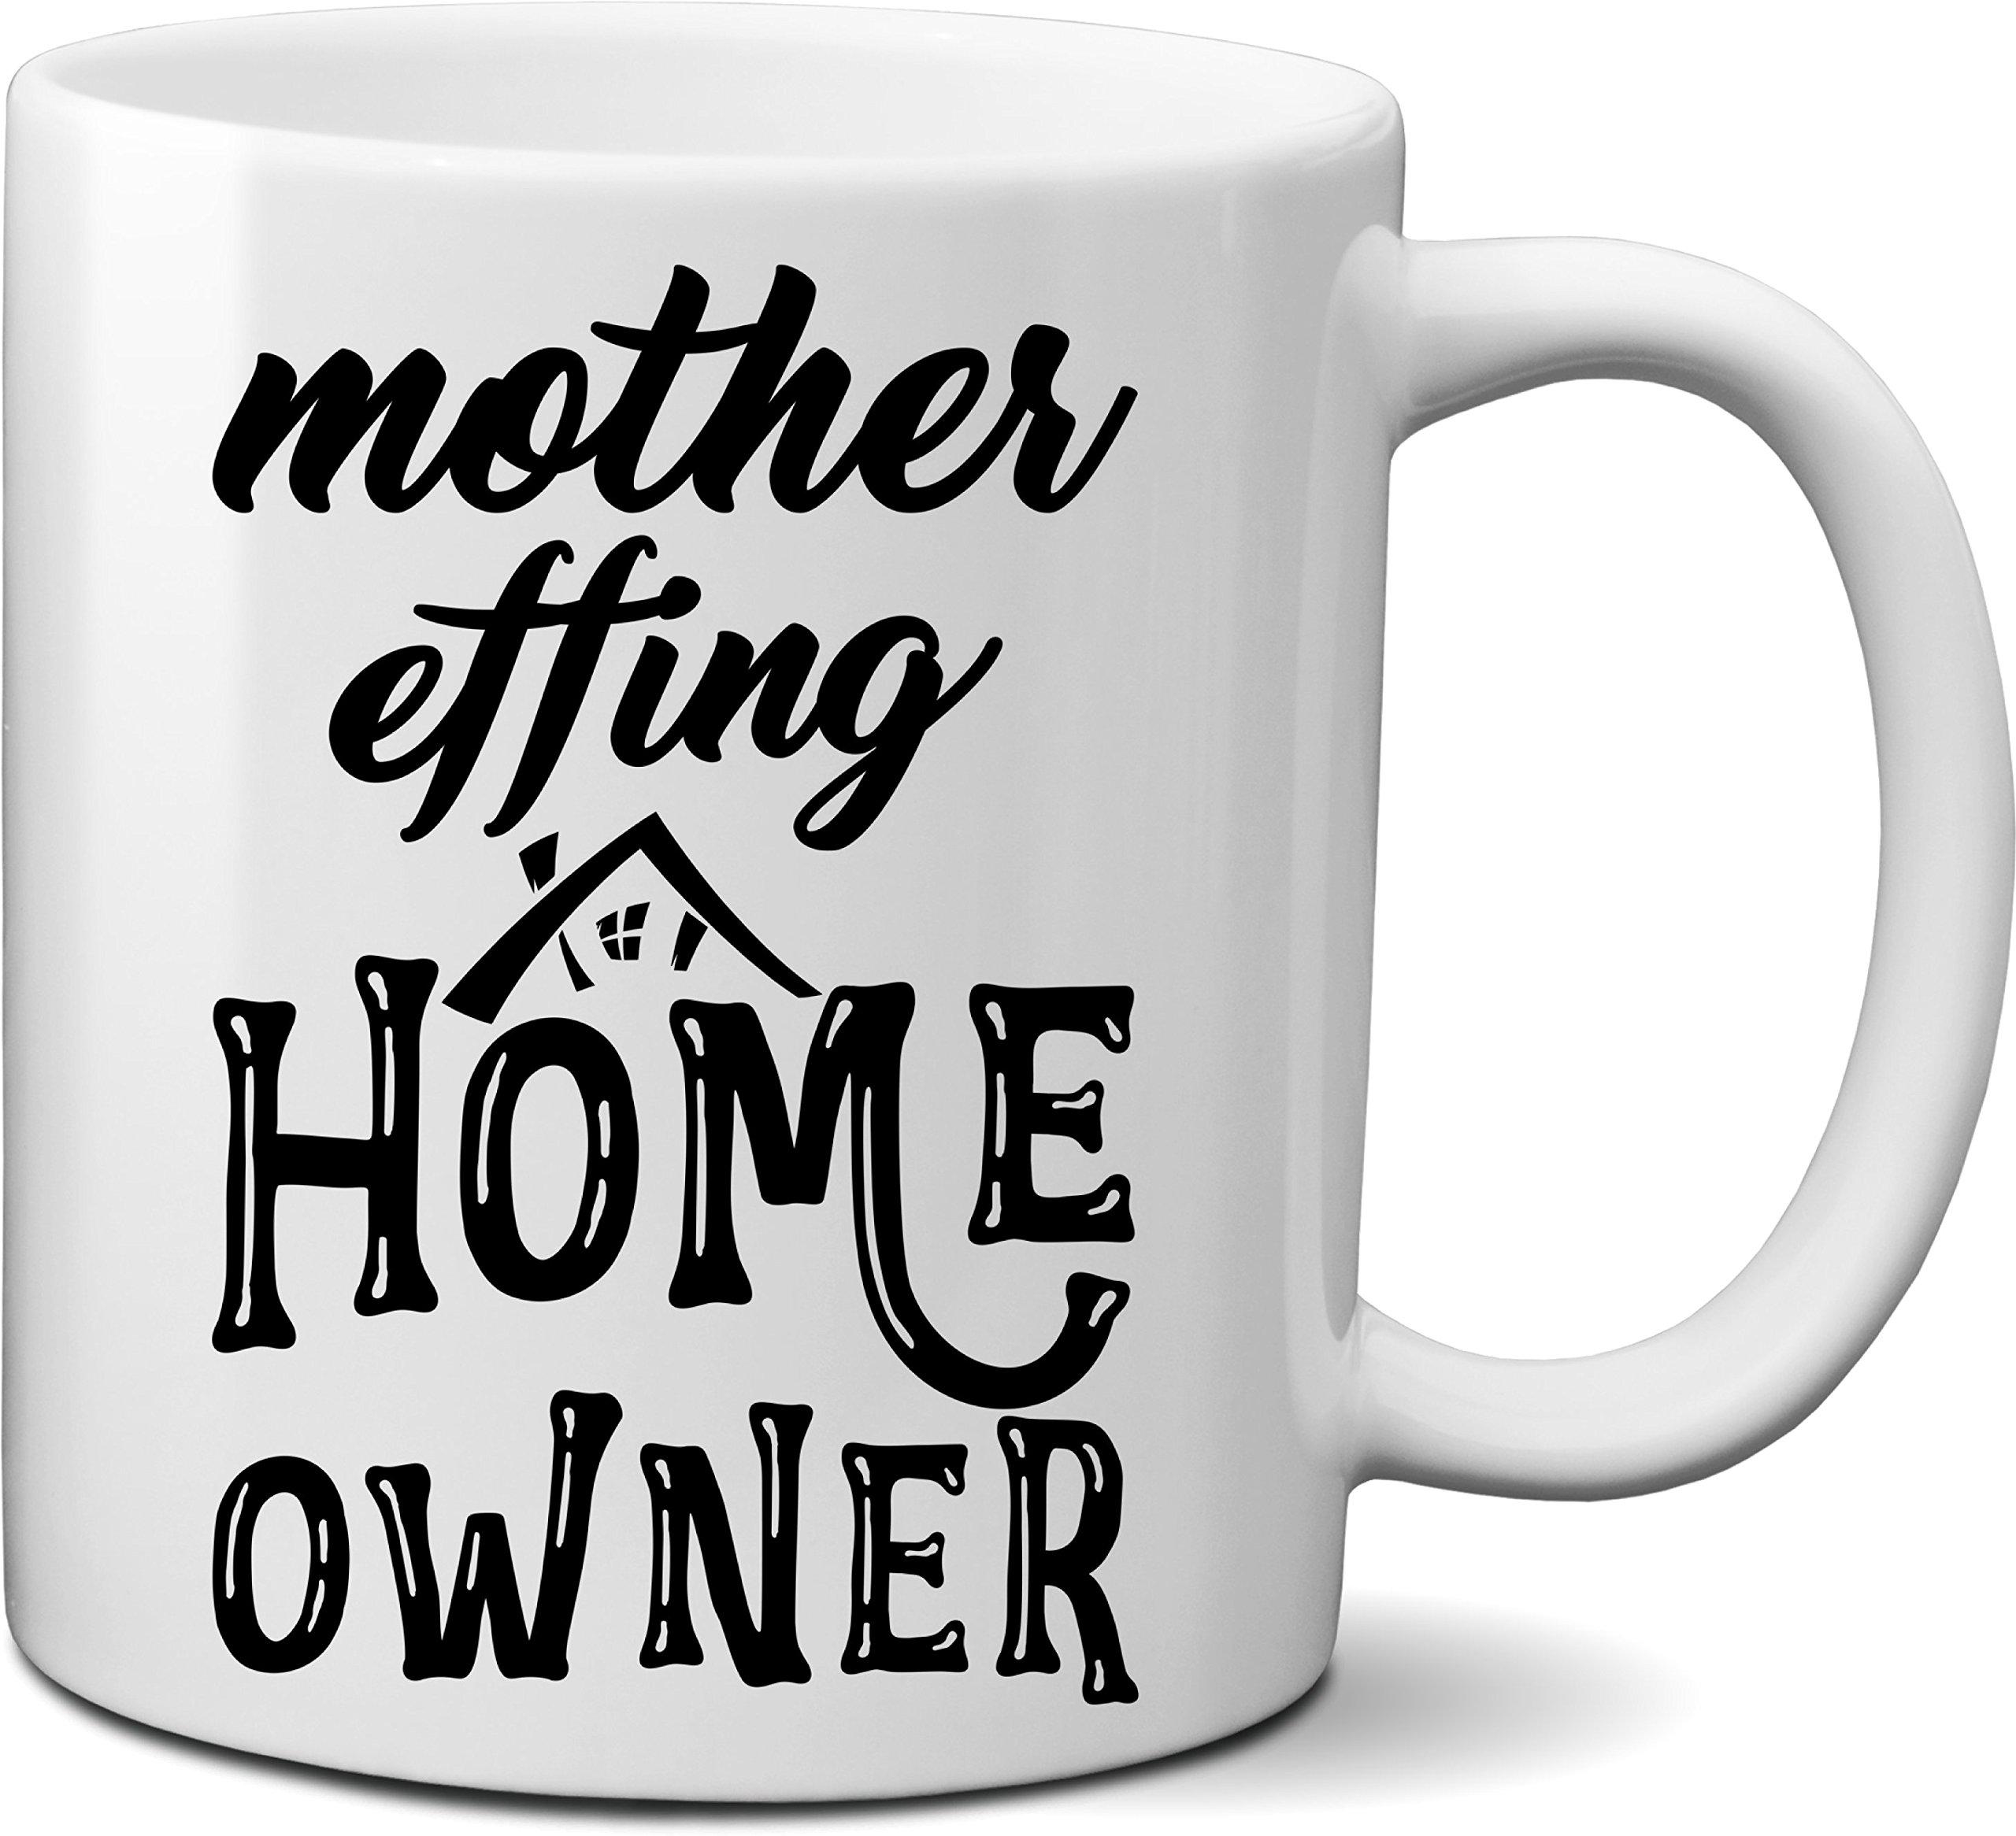 Mother Effing Home Owner Mug- Unique House-warming Gift Idea for New Home Owner- New Home Owner Gift (11oz)